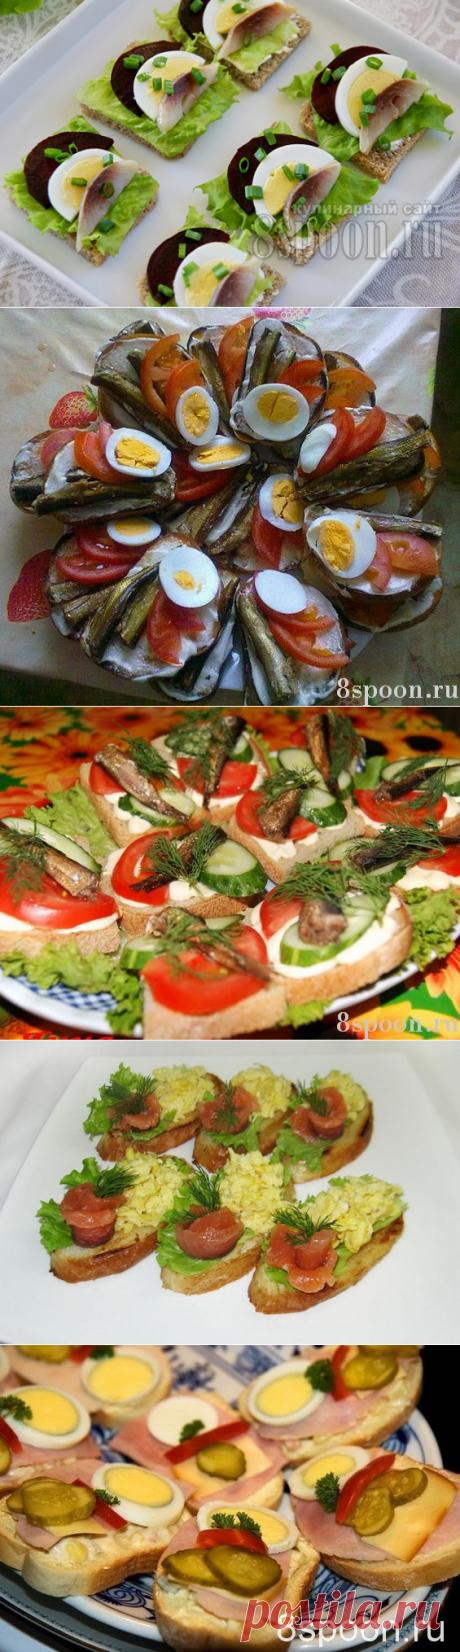 Праздничные бутерброды: вкусные рецепты с фото8 Ложек | 8 Ложек